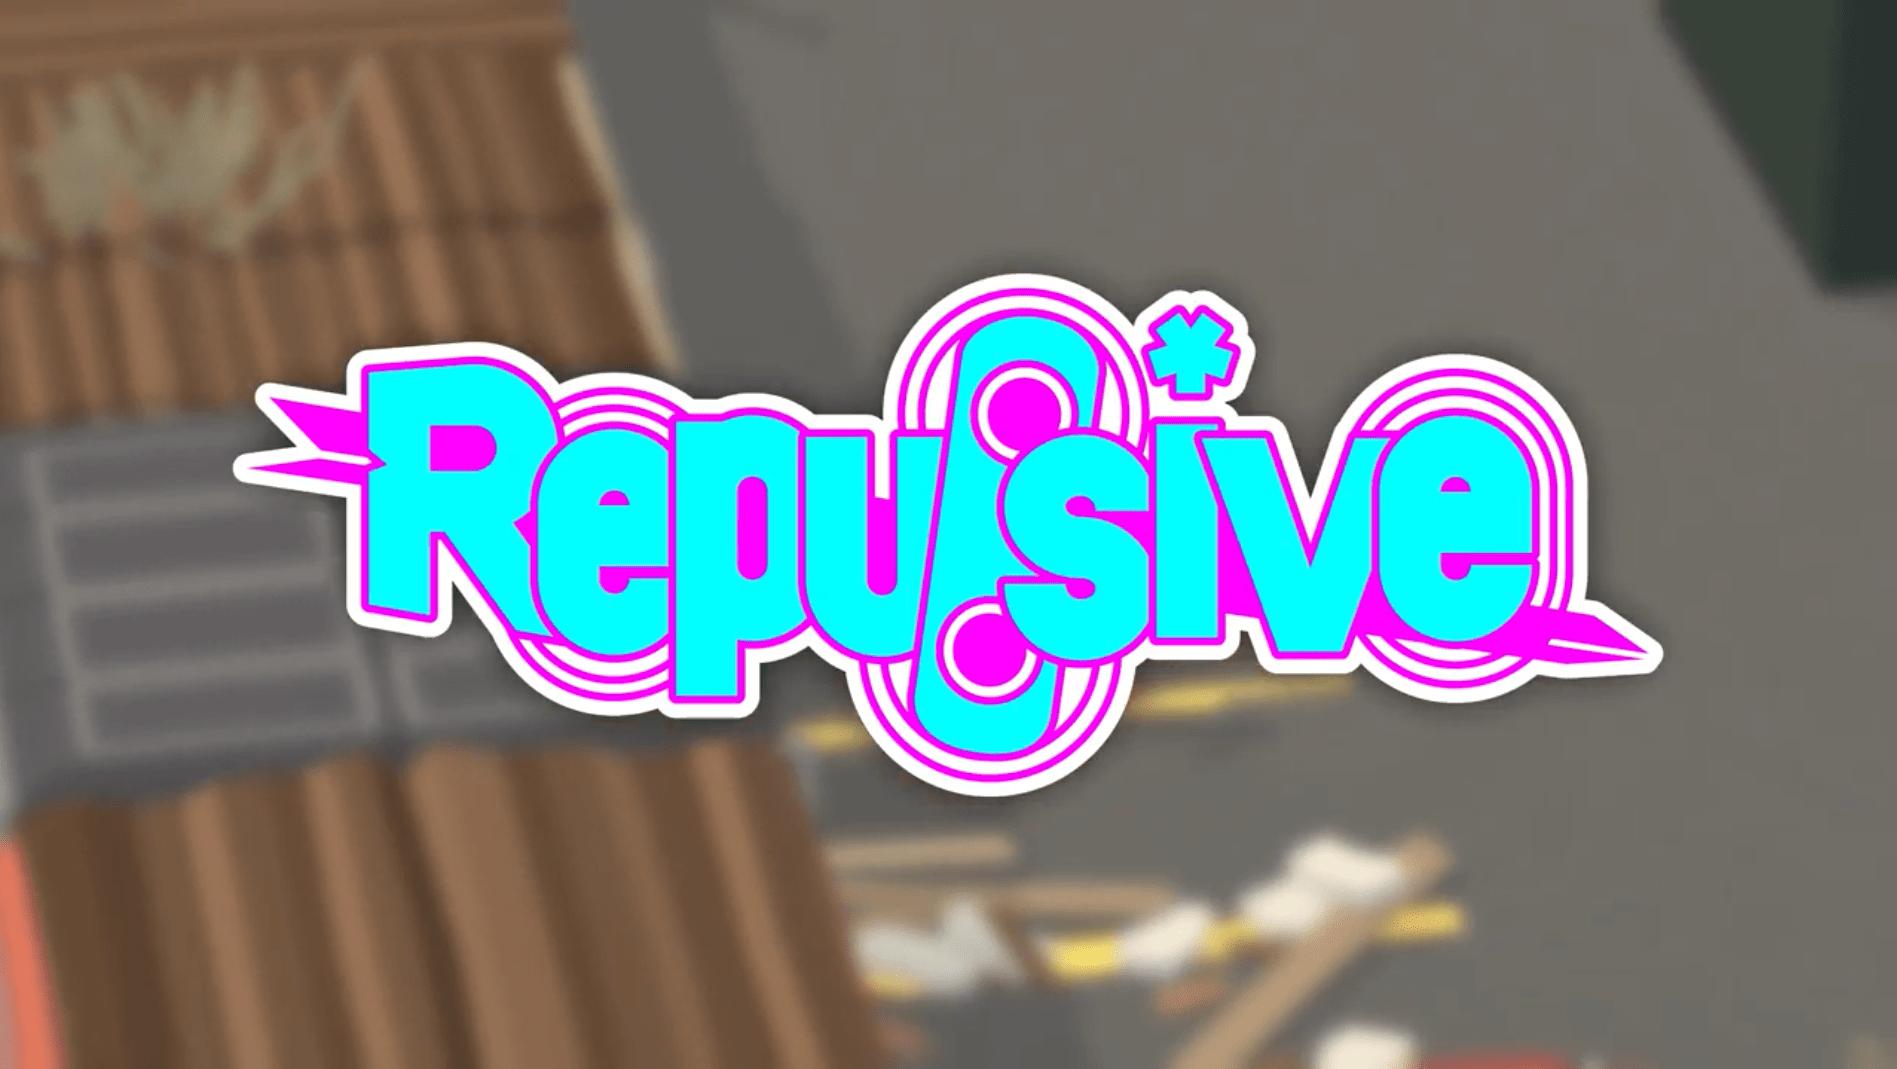 Le jeu Hoverboarding Dystopian Future «Repulsive» extrêmement élégant est en vente pour seulement 1,99 $ – TouchArcade